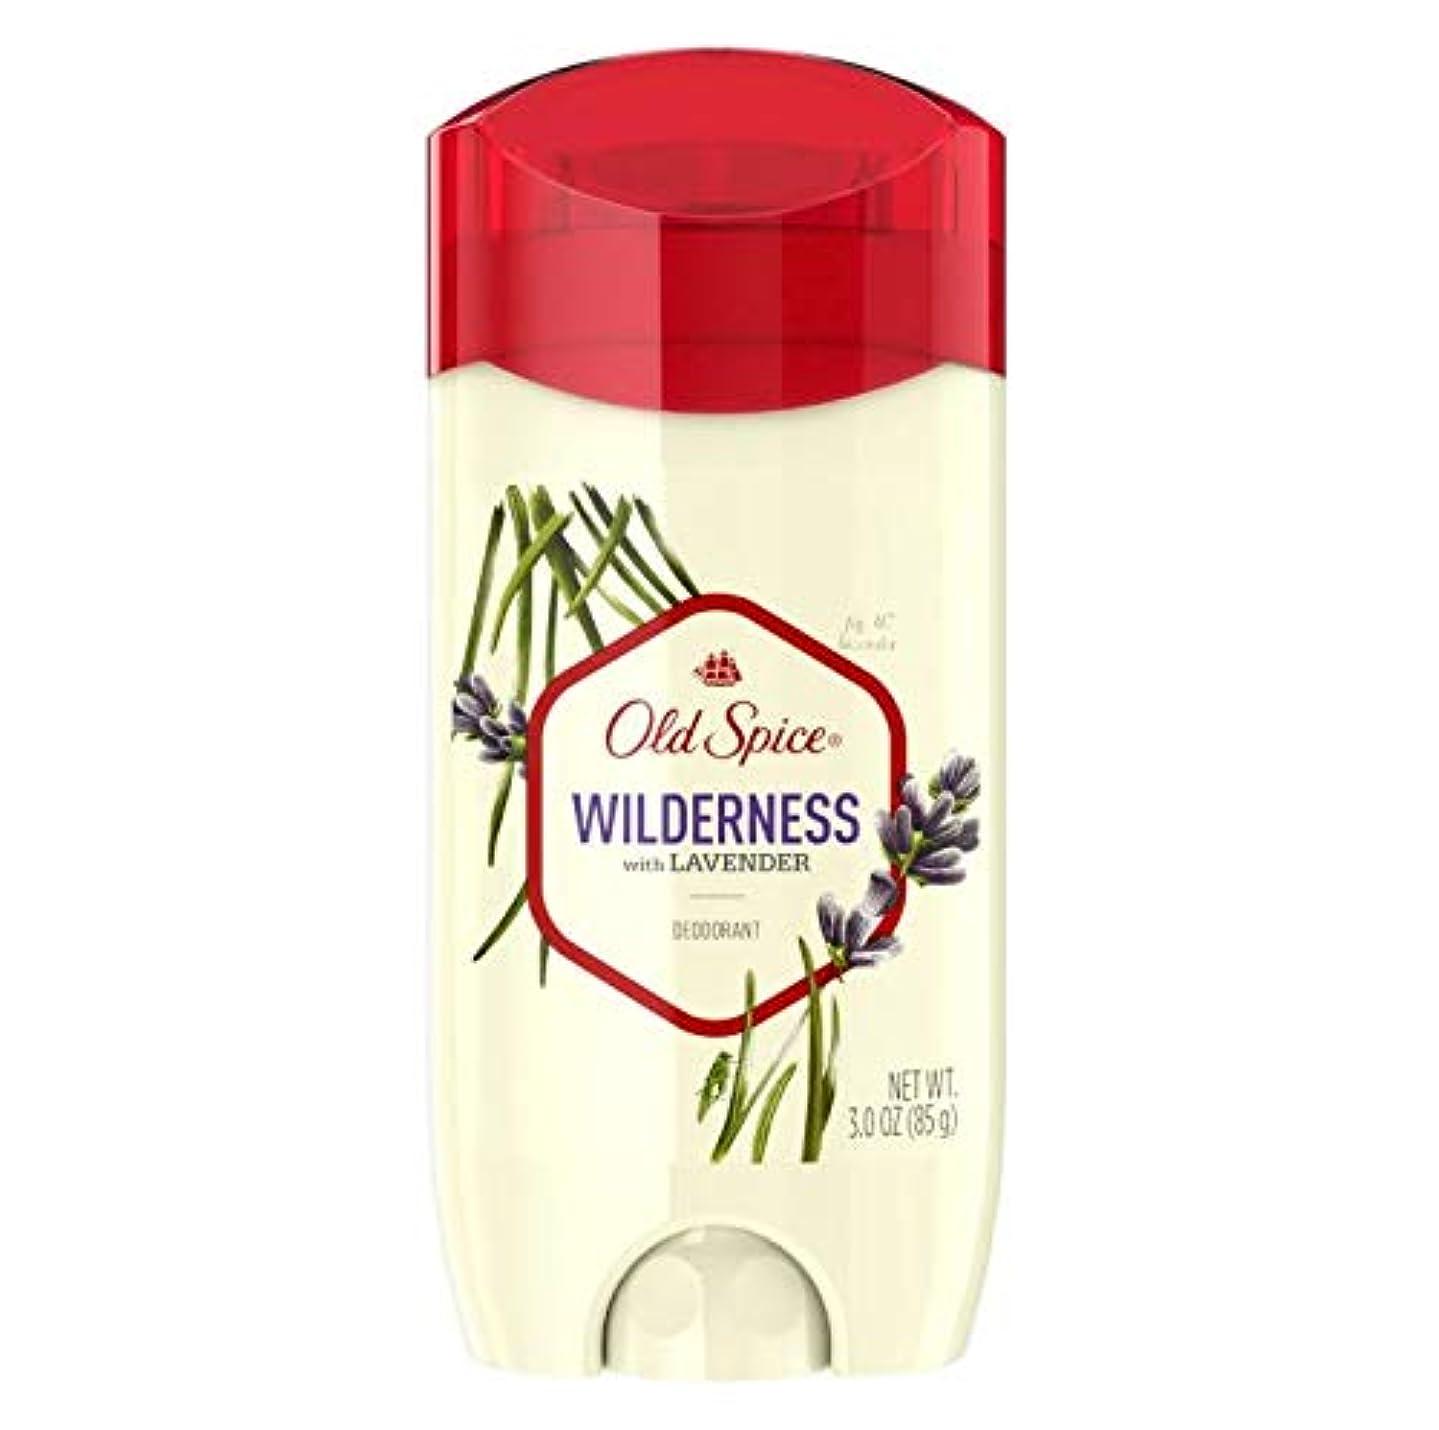 近所の小康可聴Old Spice Fresher Collection Wilderness Deodorant - 3.0oz オールドスパイス フレッシャー コレクション ワイルドネス デオドラント 85g [並行輸入品]